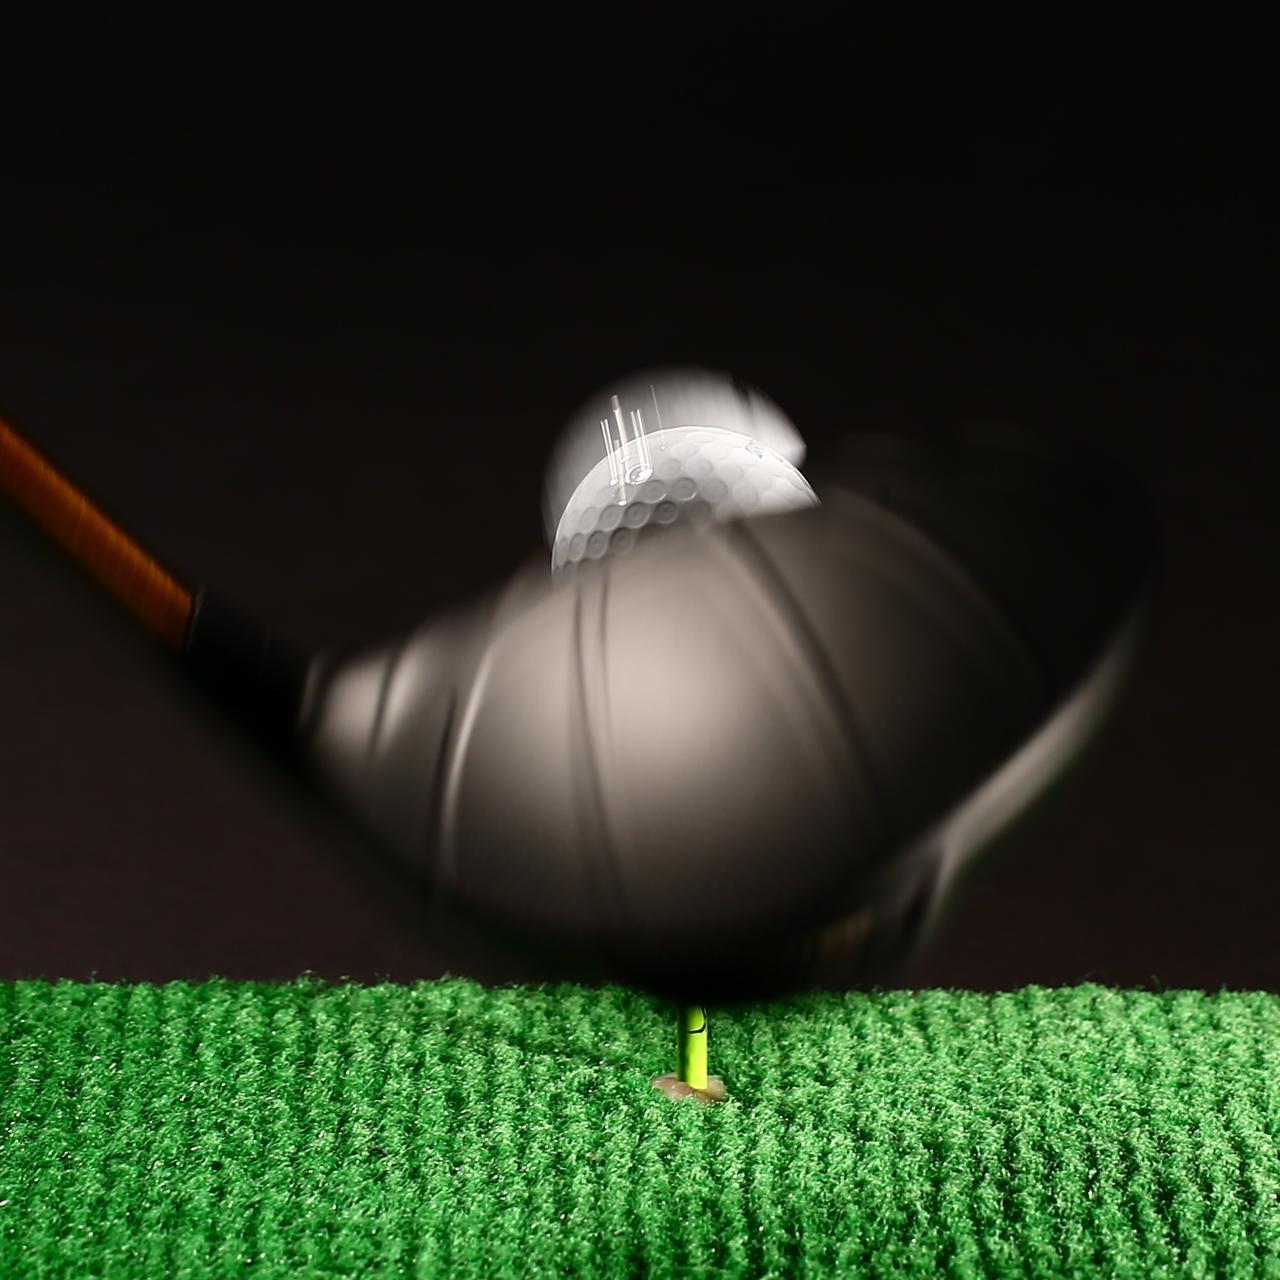 画像: ボールの素材によって飛びやスピンは大きく変わる(写真はイメージ)